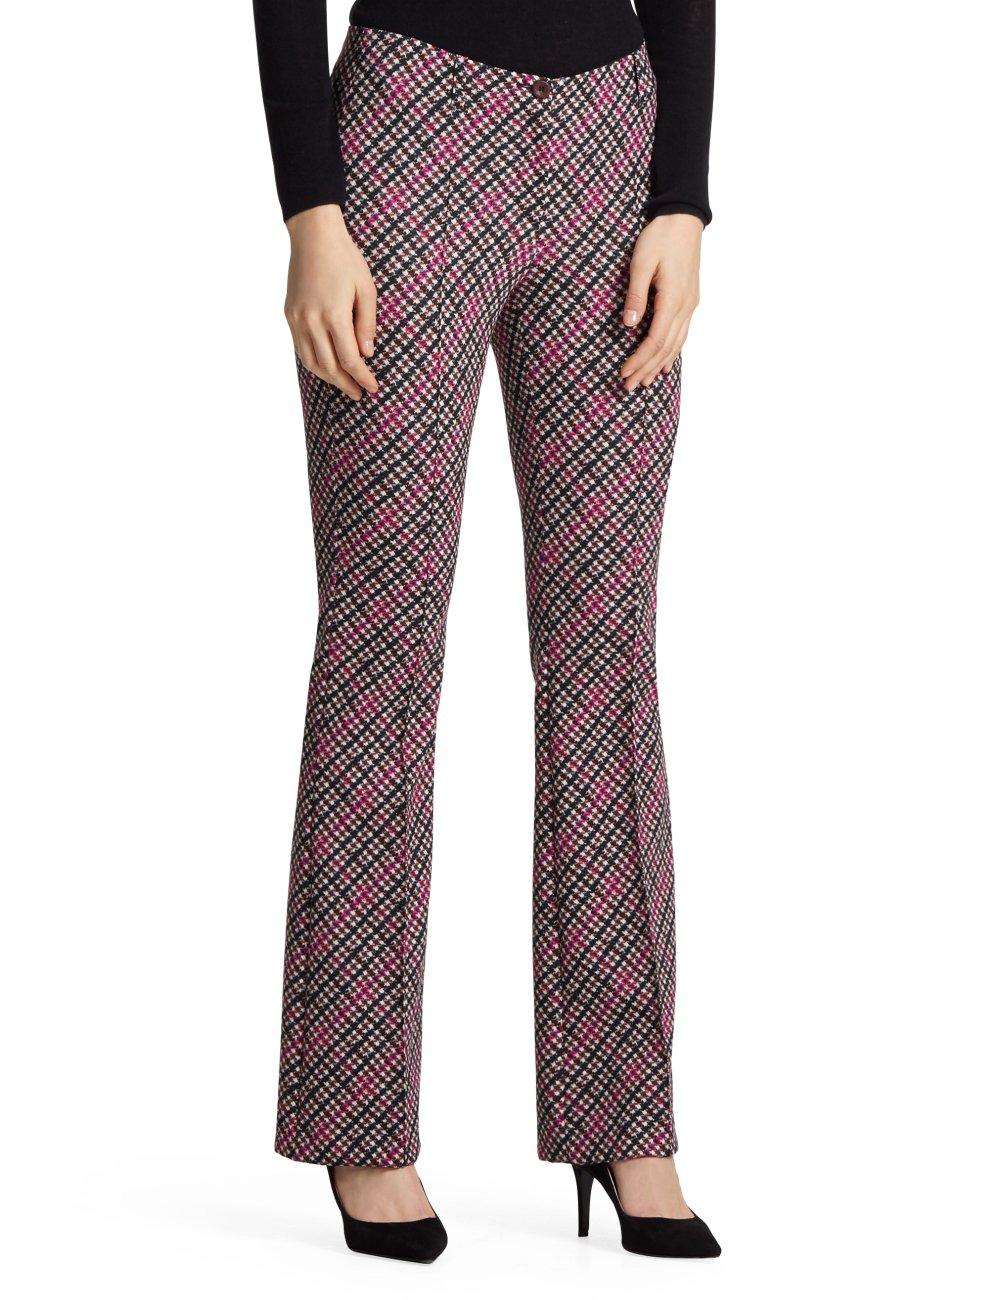 Cain J12 Pink PantalonMulticolorepop 15 268W40 Marc Kc Collections 81 Femme XiZuPTOk